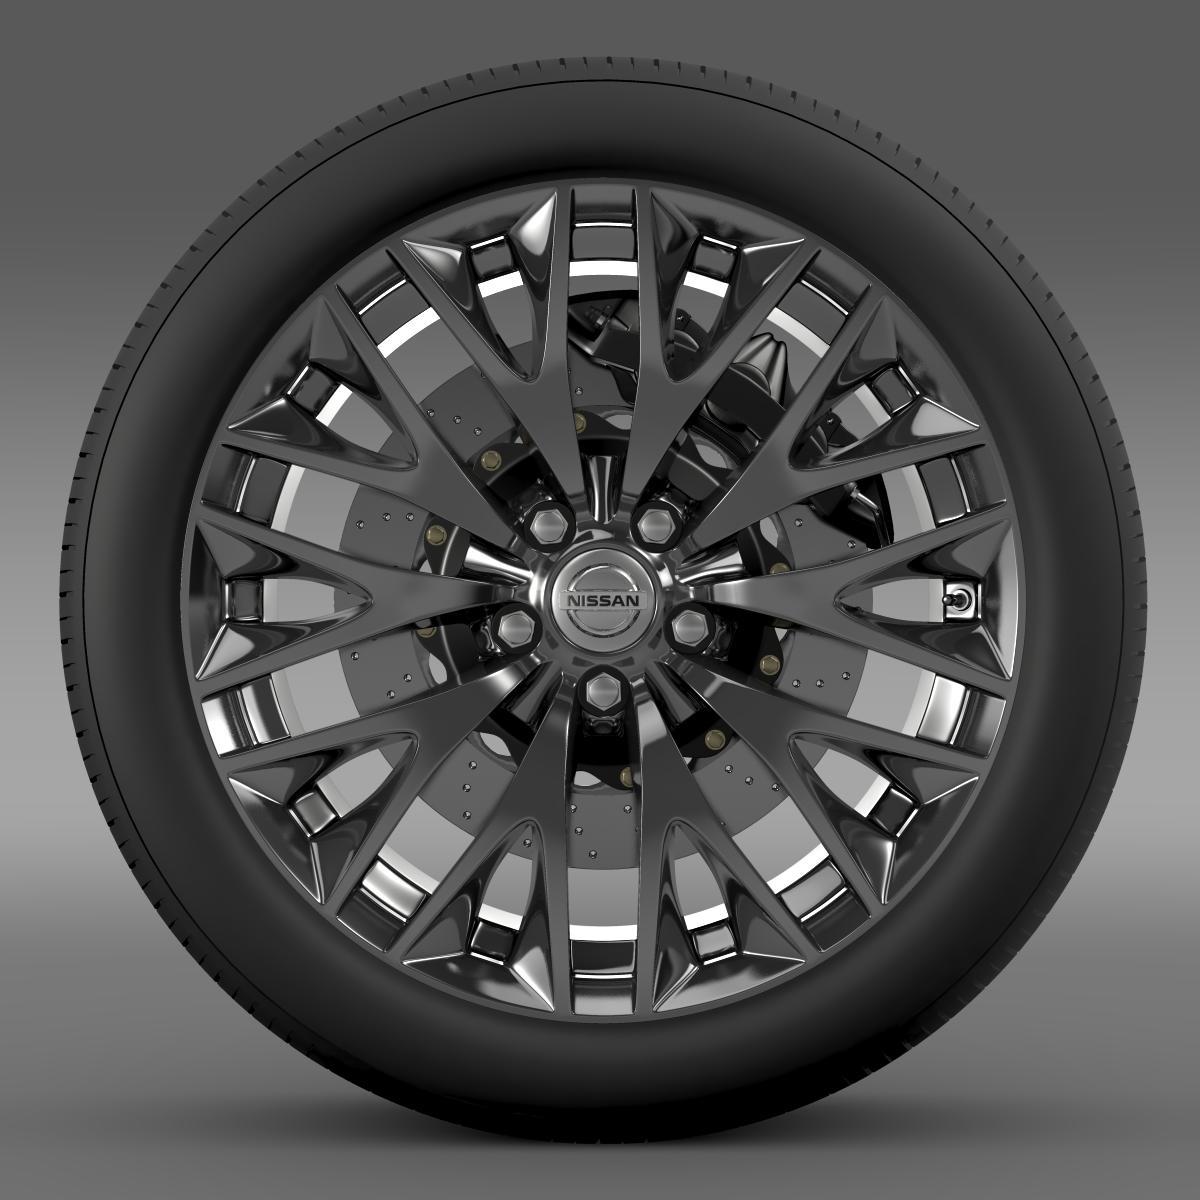 nissan cima hybrid wheel 3d model 3ds max fbx c4d lwo ma mb hrc xsi obj 210814